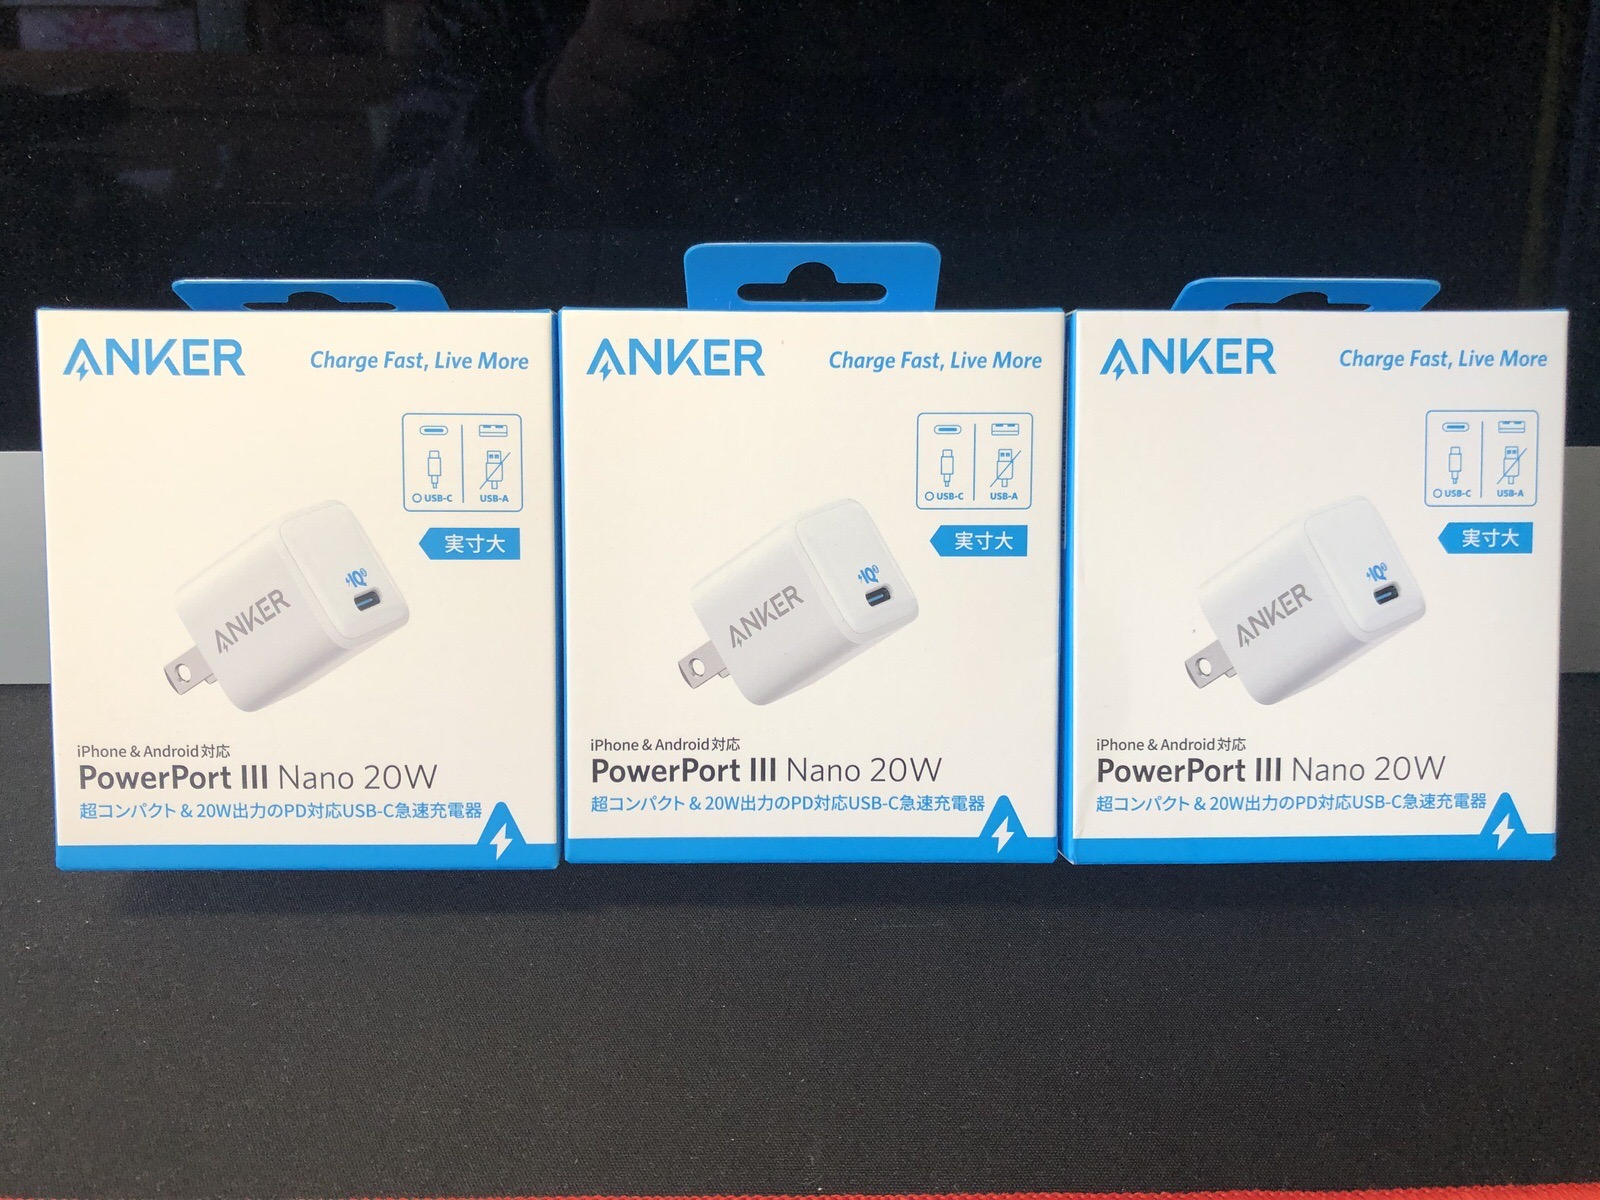 Anker PowerPort III Nano 20W−2